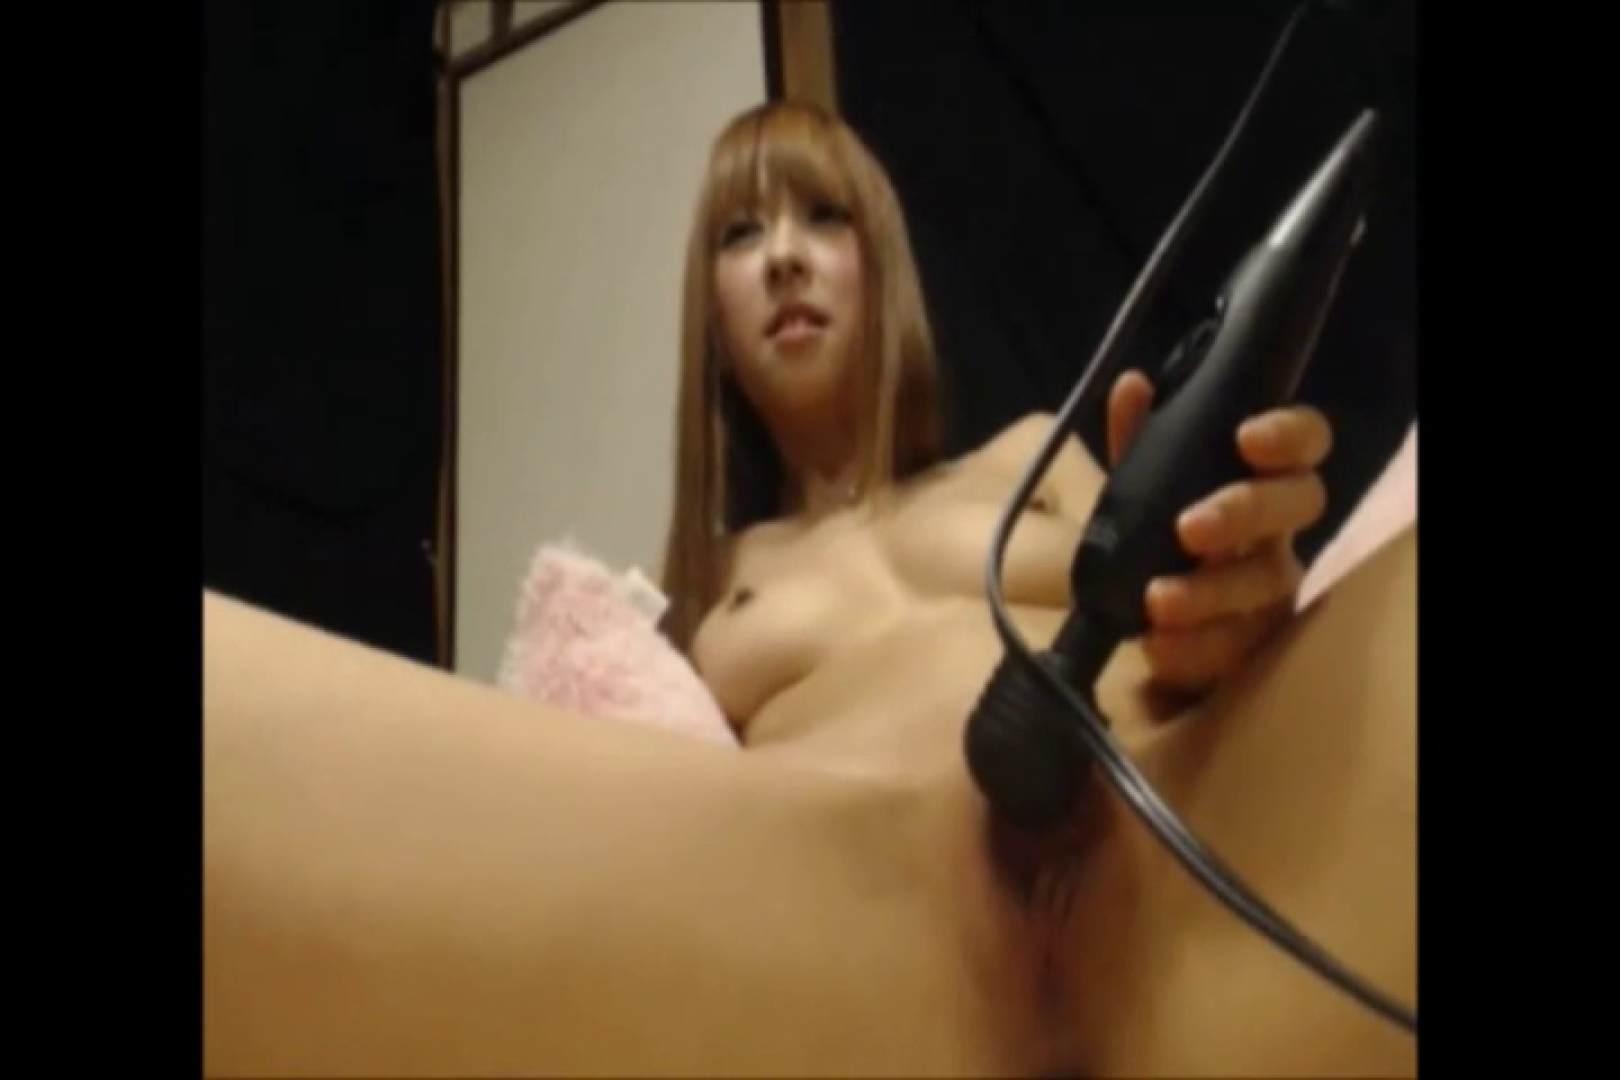 ガチンコ!!激カワギャル限定個人ハメ撮りセフレ編Vol.13 美乳 AV無料動画キャプチャ 102PIX 88